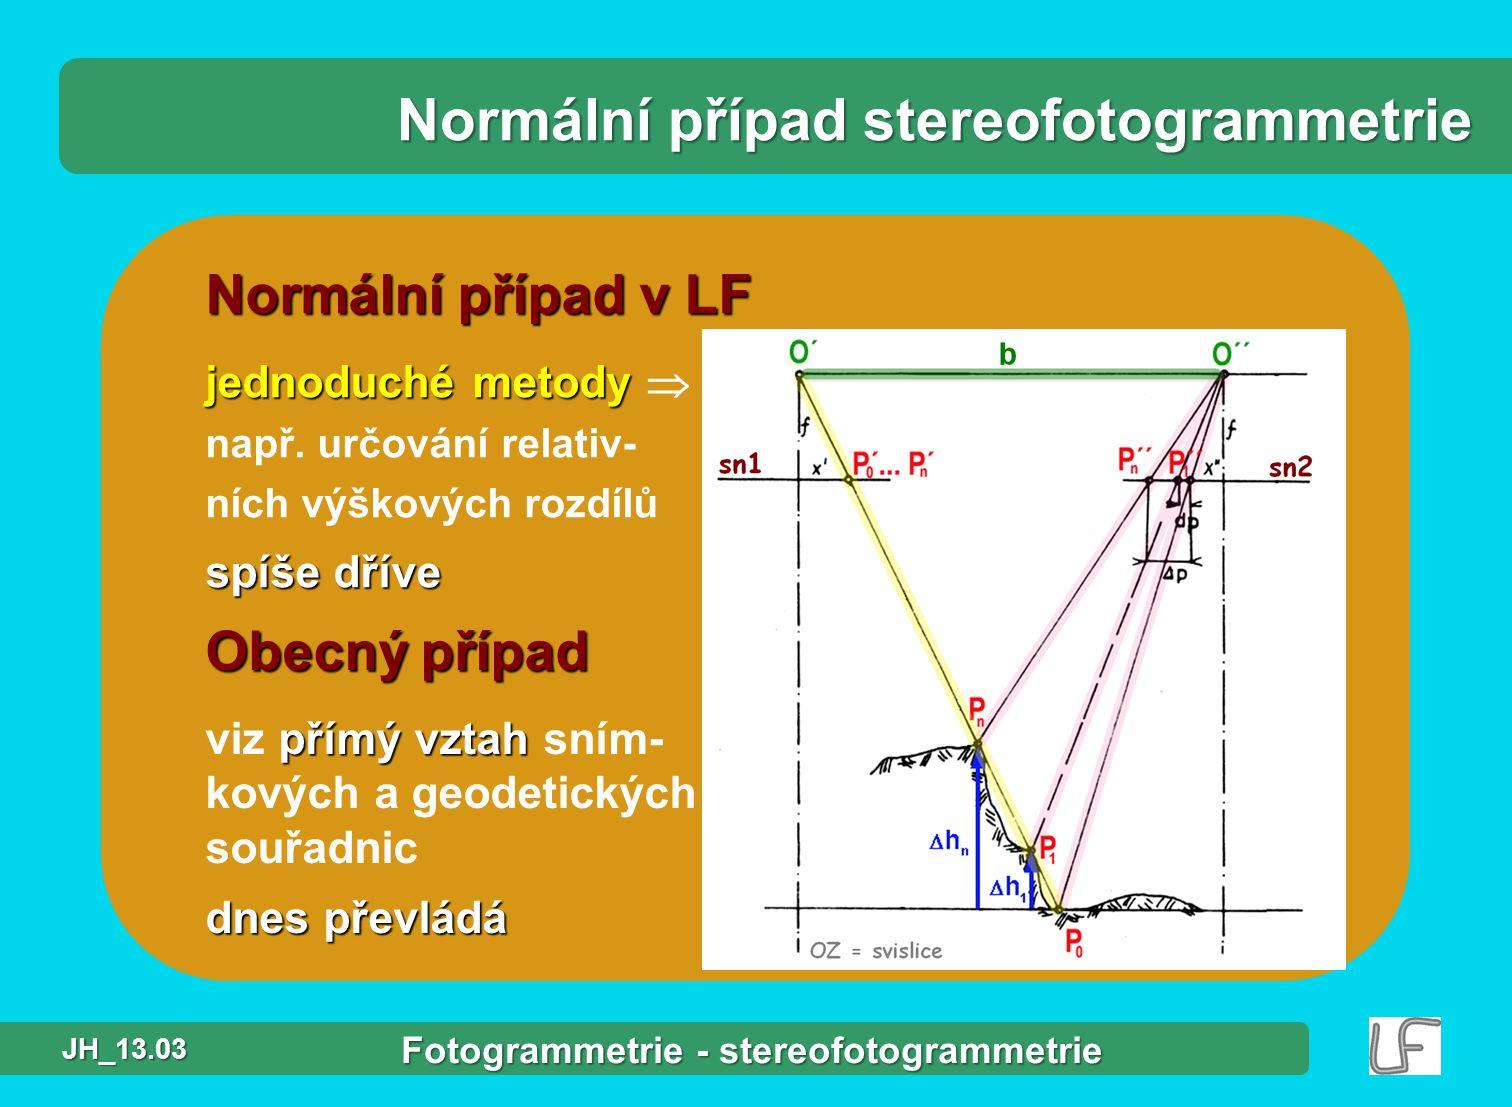 Normální případ v LF jednoduché metody jednoduché metody  např.